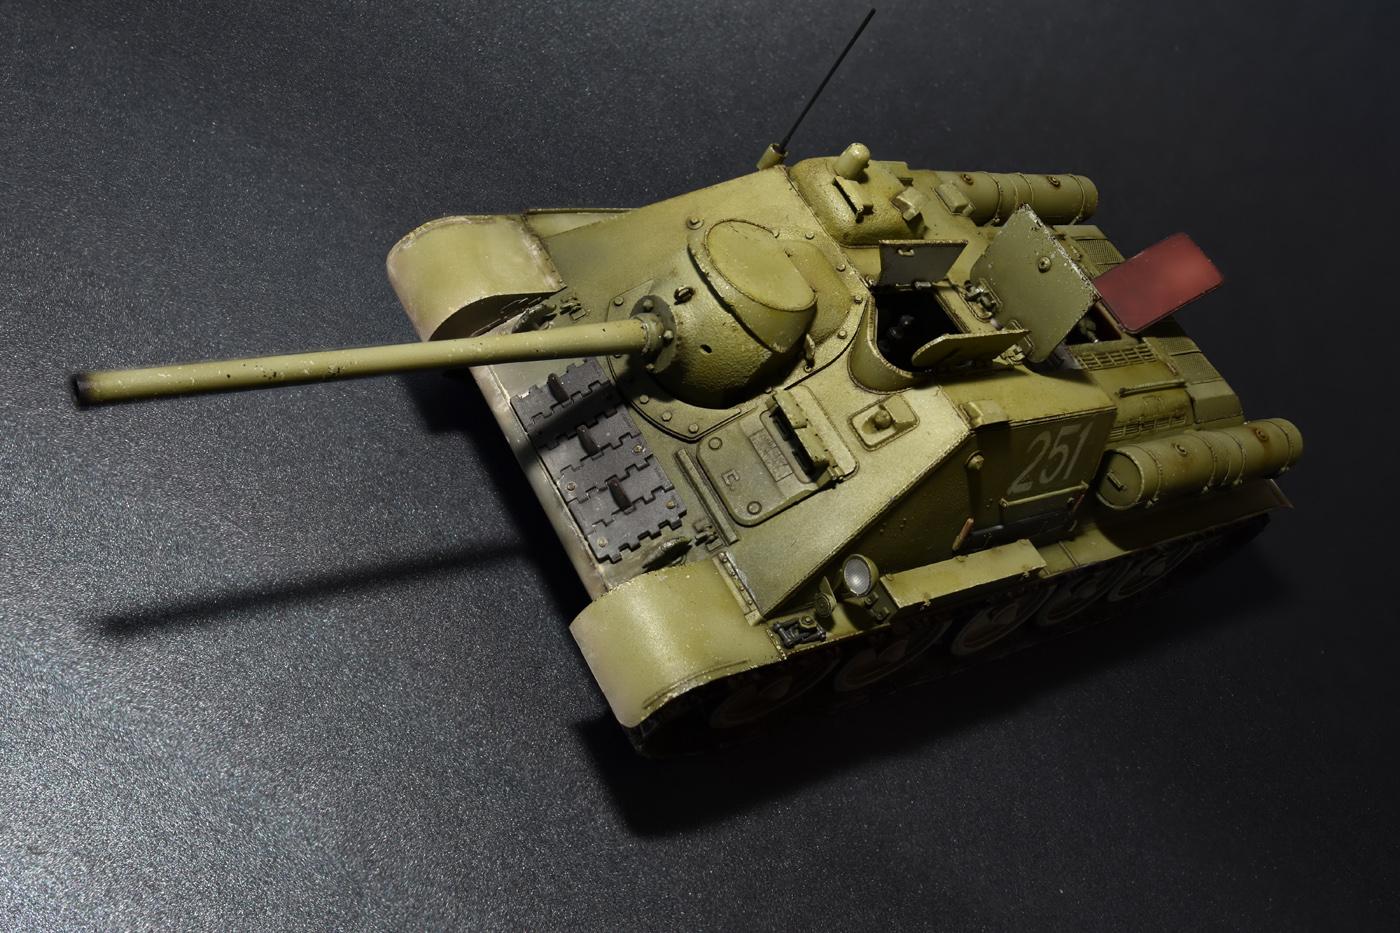 35187 SU-85 SOWJETISCHE SELBSTANGETRIEBENE PISTOLE. INNENAUSSTATTUNG